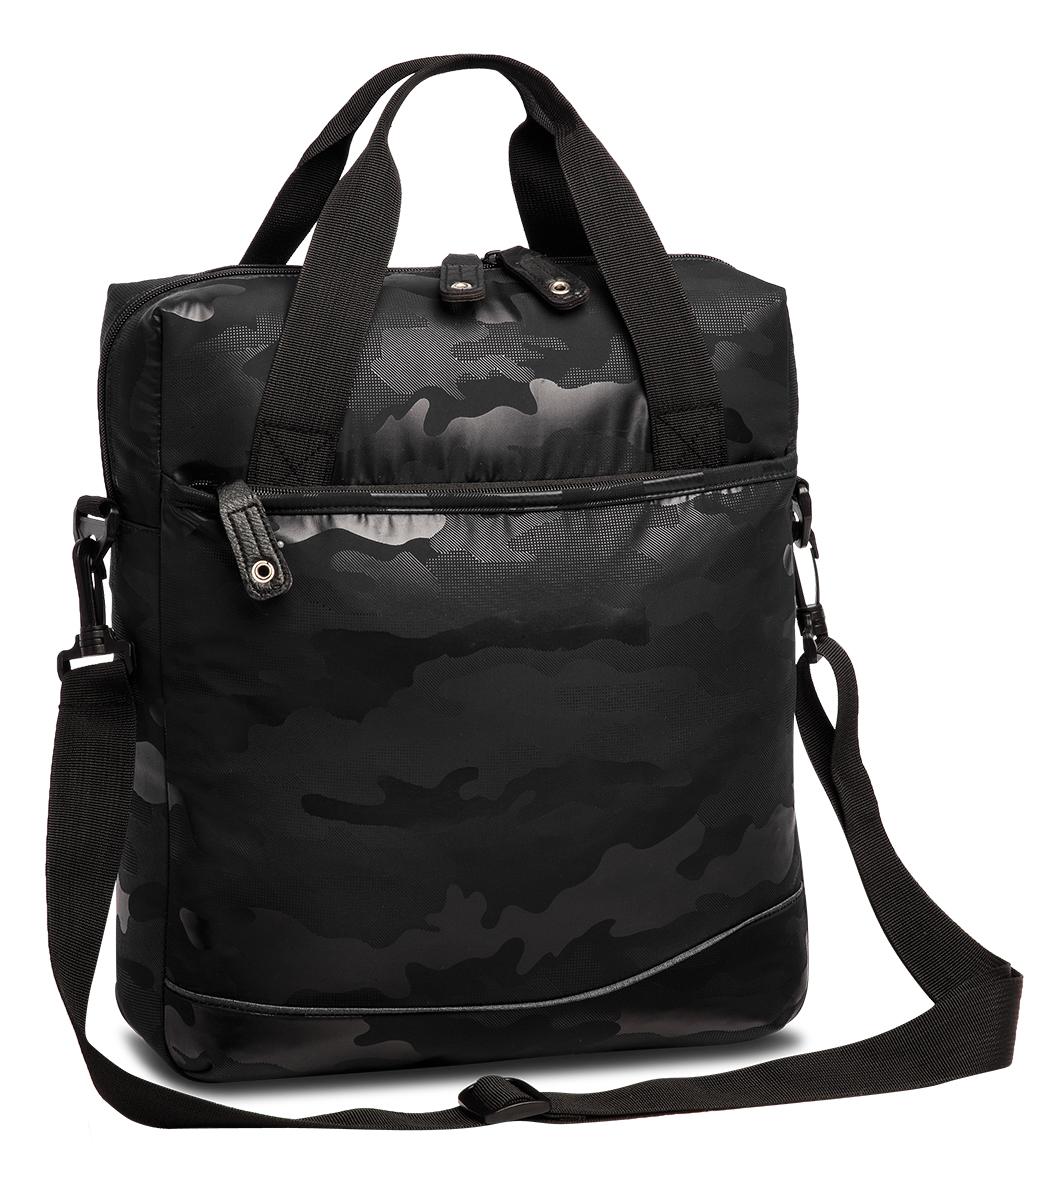 Taška přes rameno BestWay 40241-0100 10 L černá